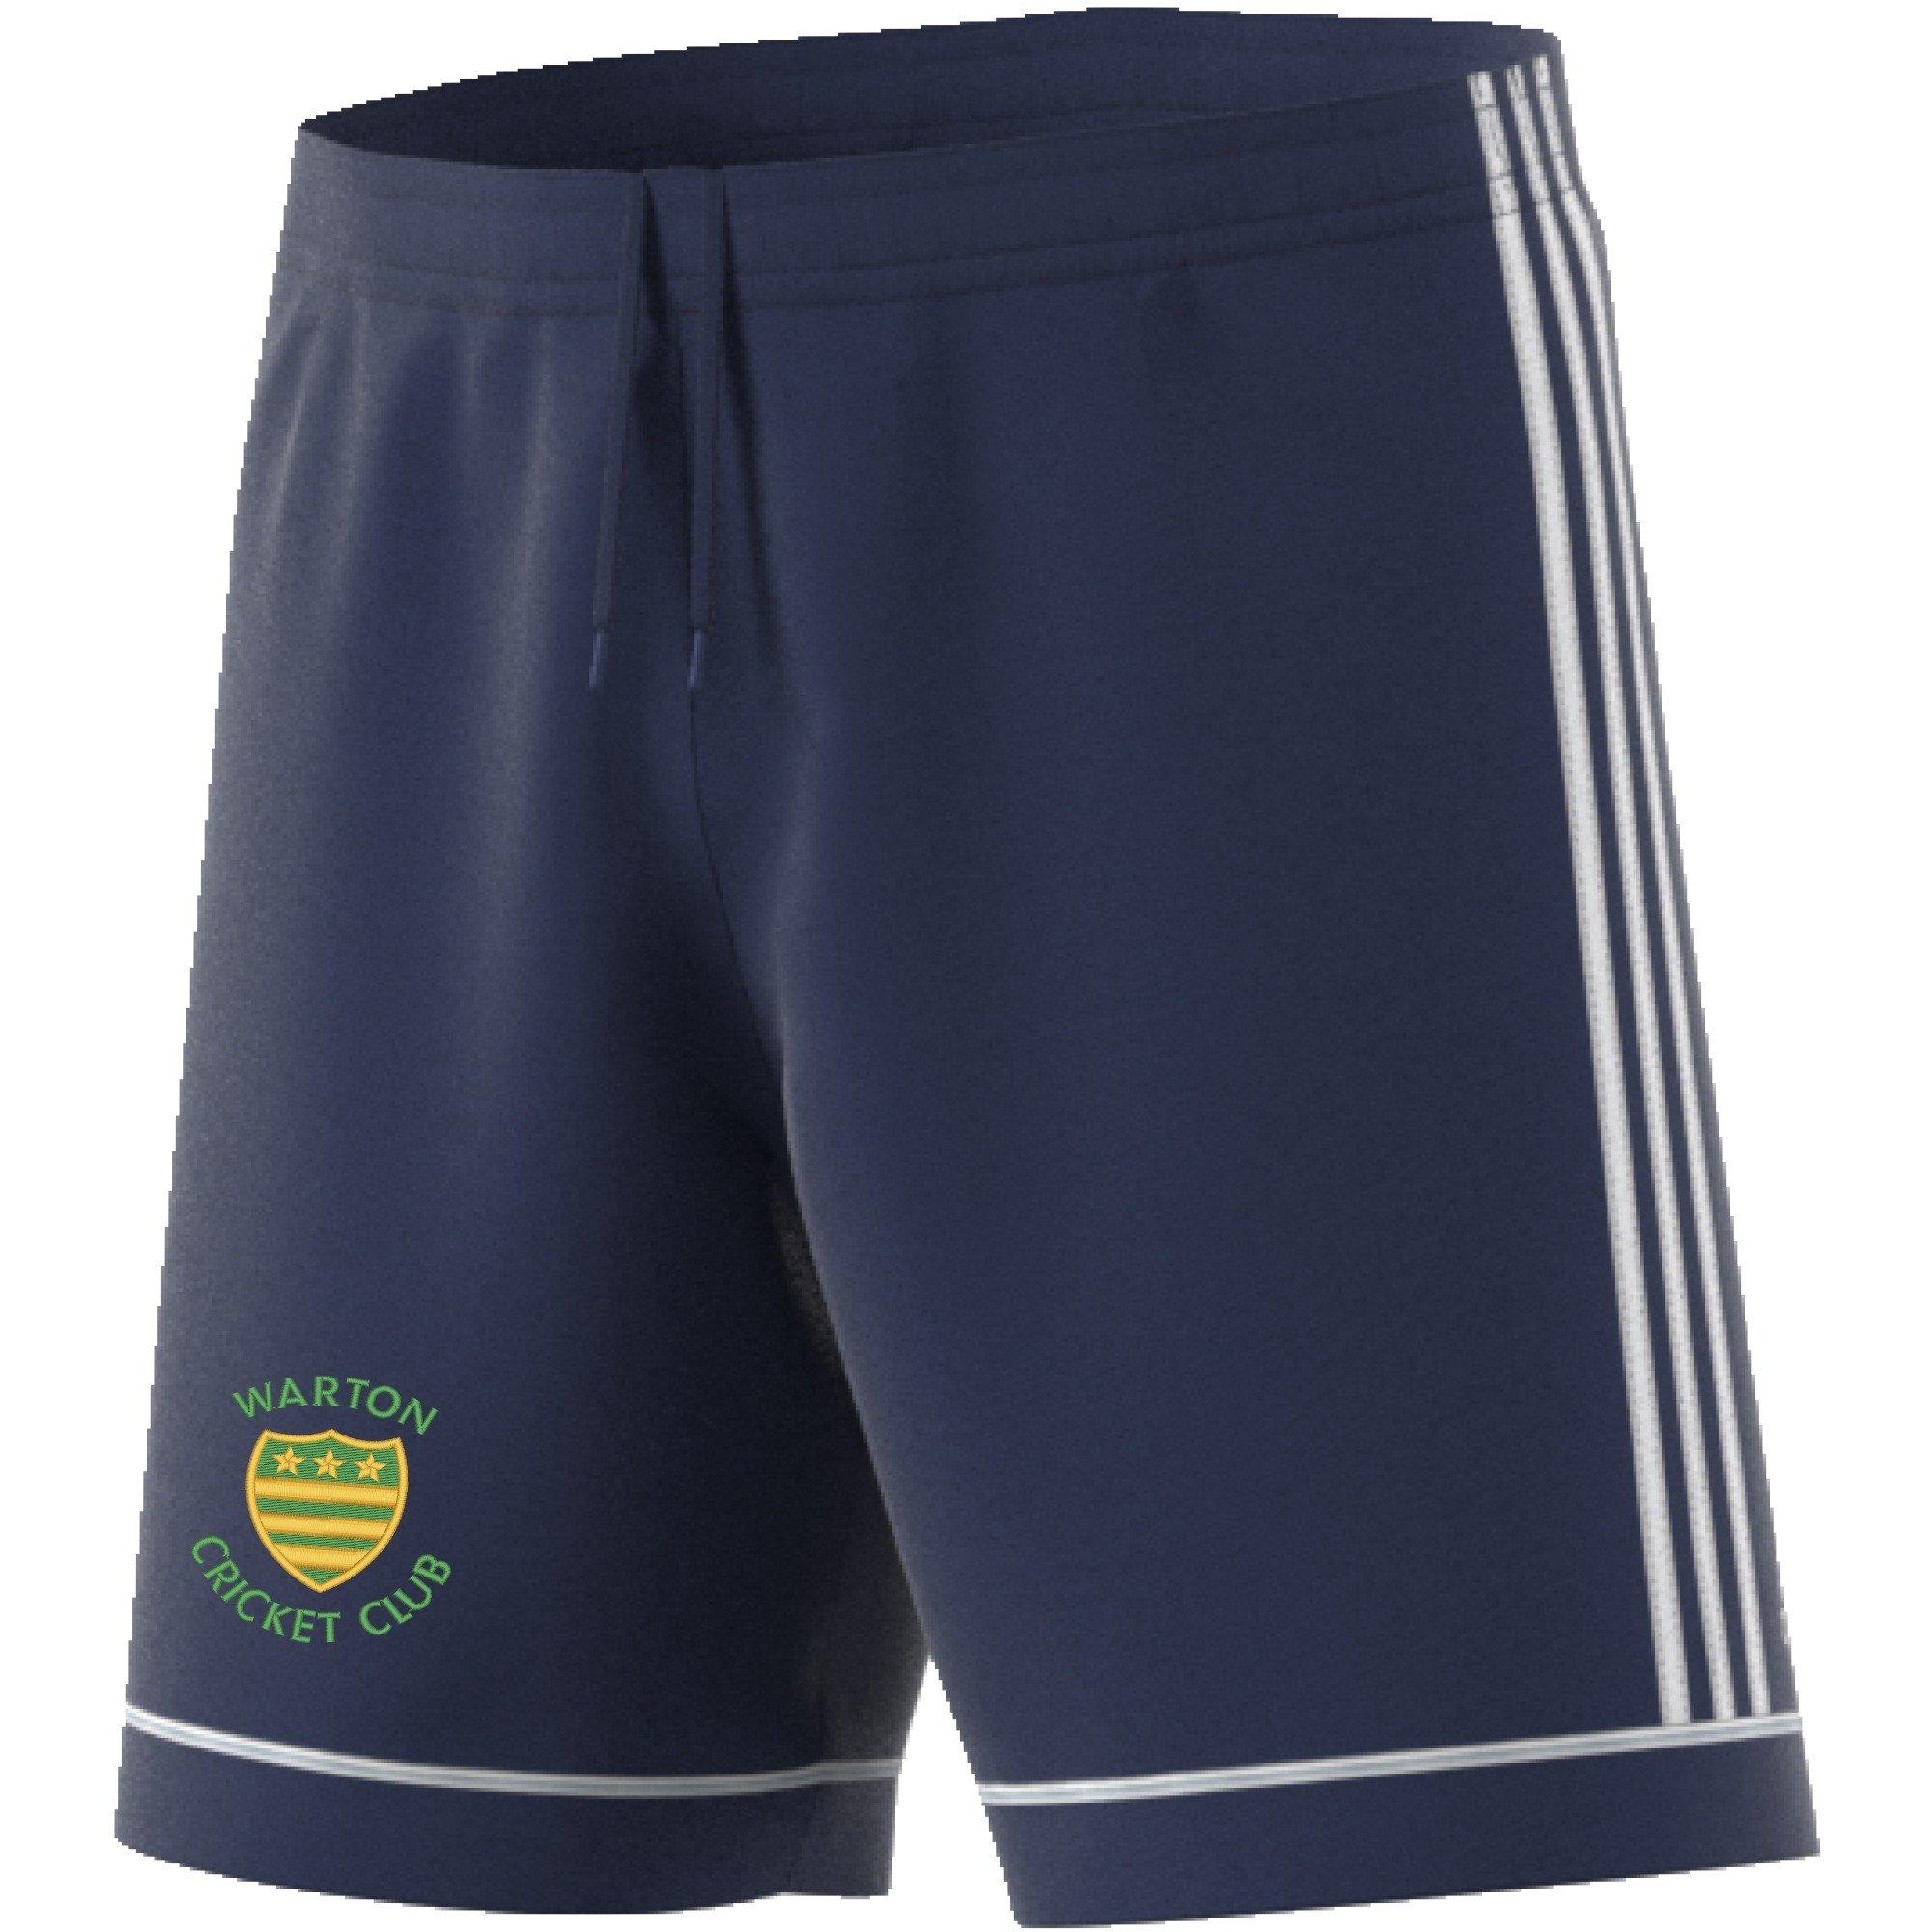 Warton CC Adidas Navy Junior Training Shorts